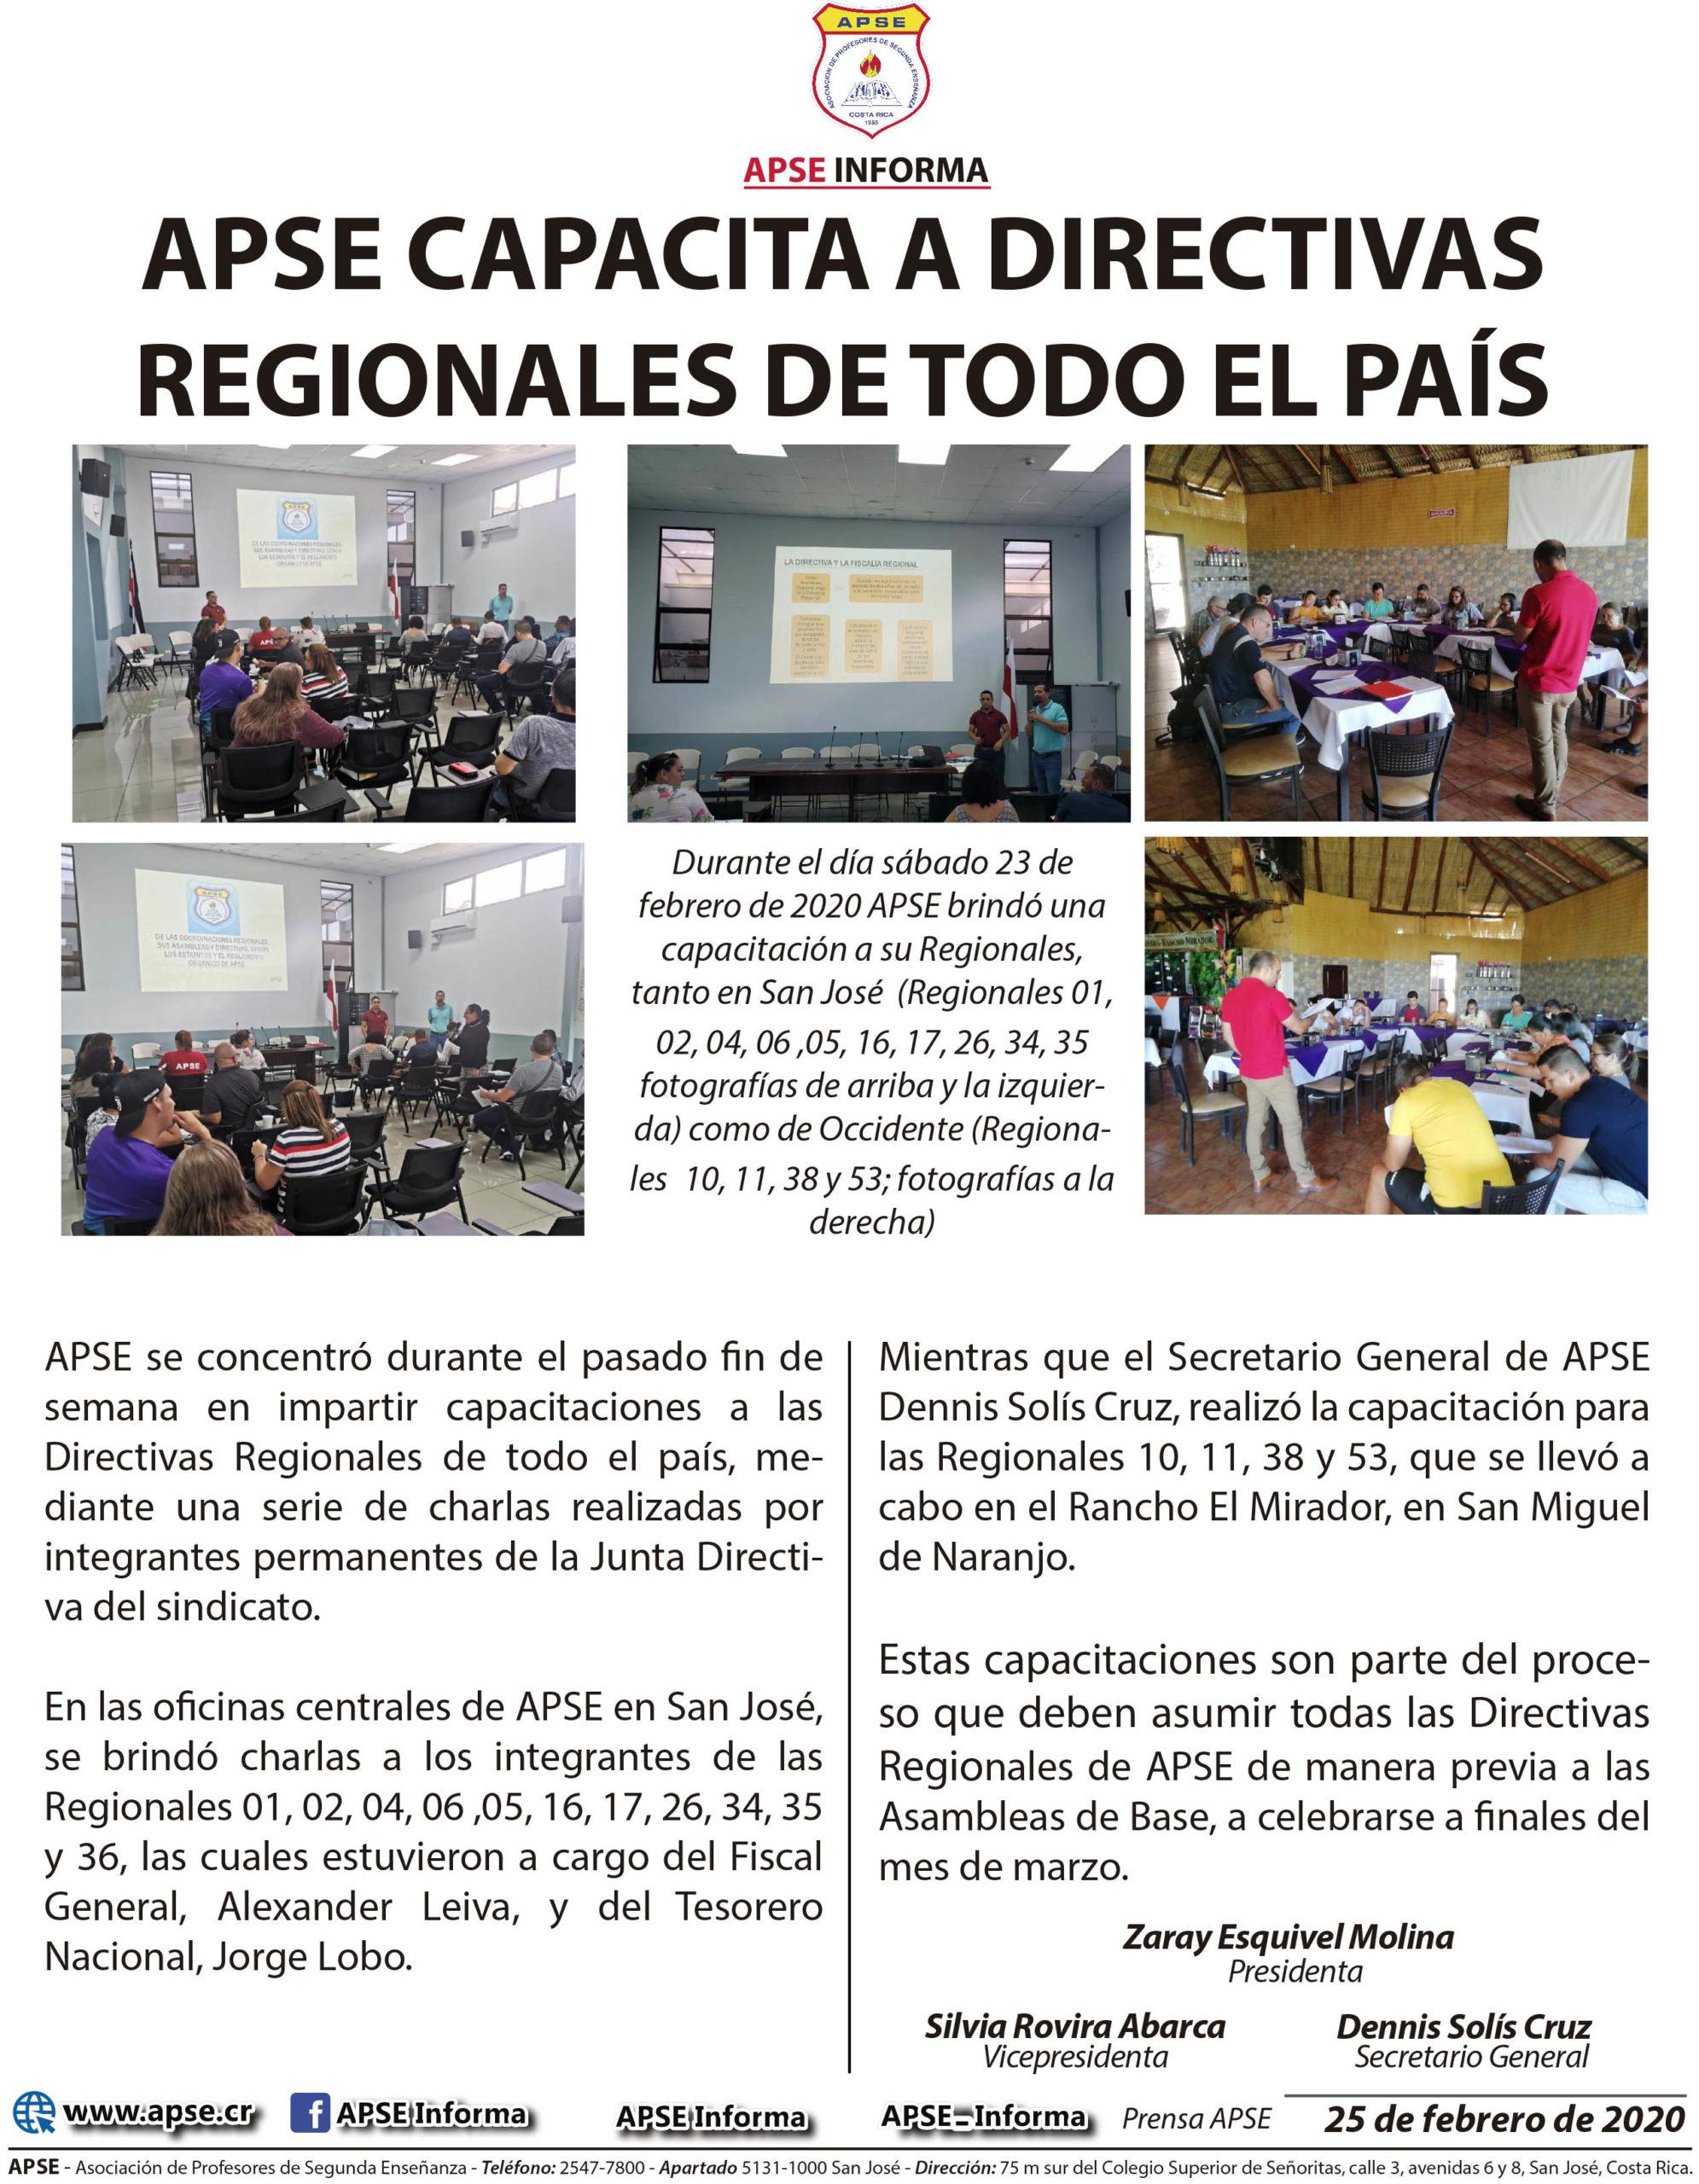 APSE CAPACITA A DIRECTIVAS REGIONALES DE TODO EL PAÍS